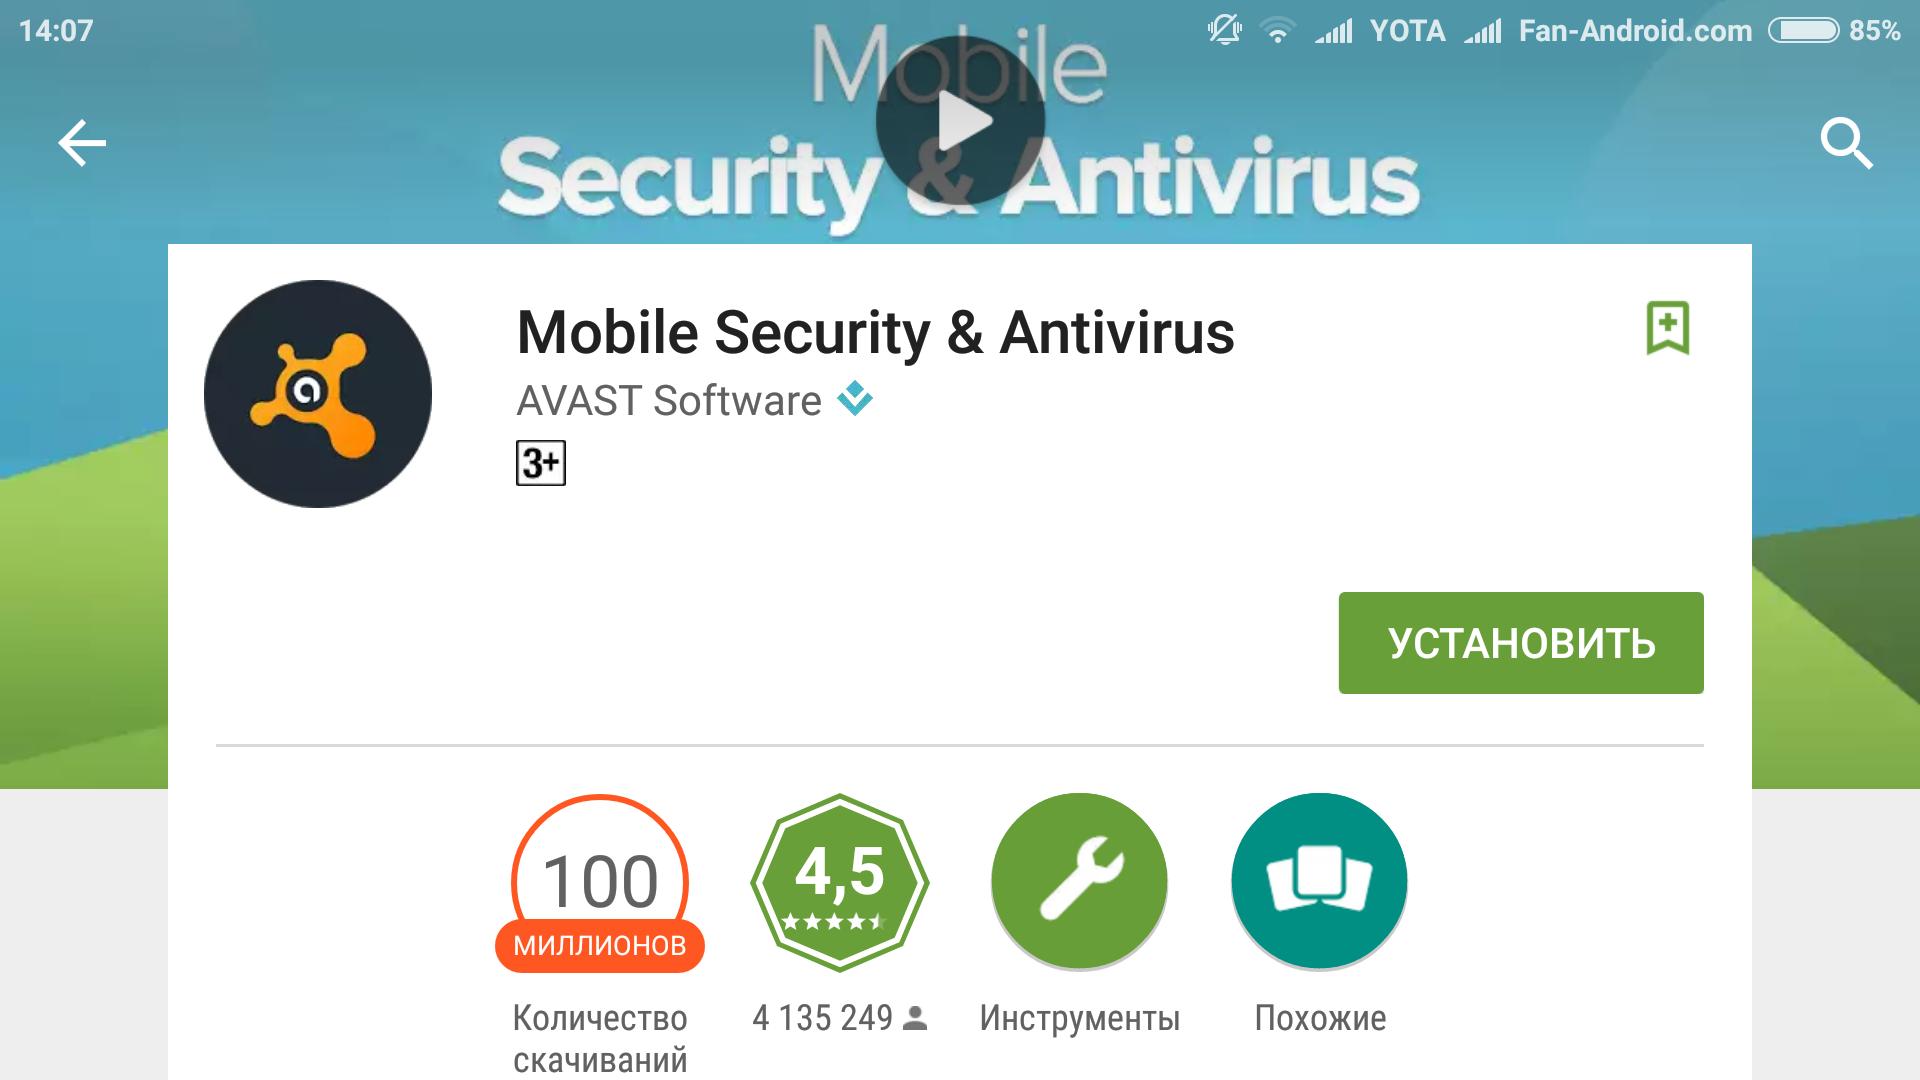 как удалить вшитый вирус андроид